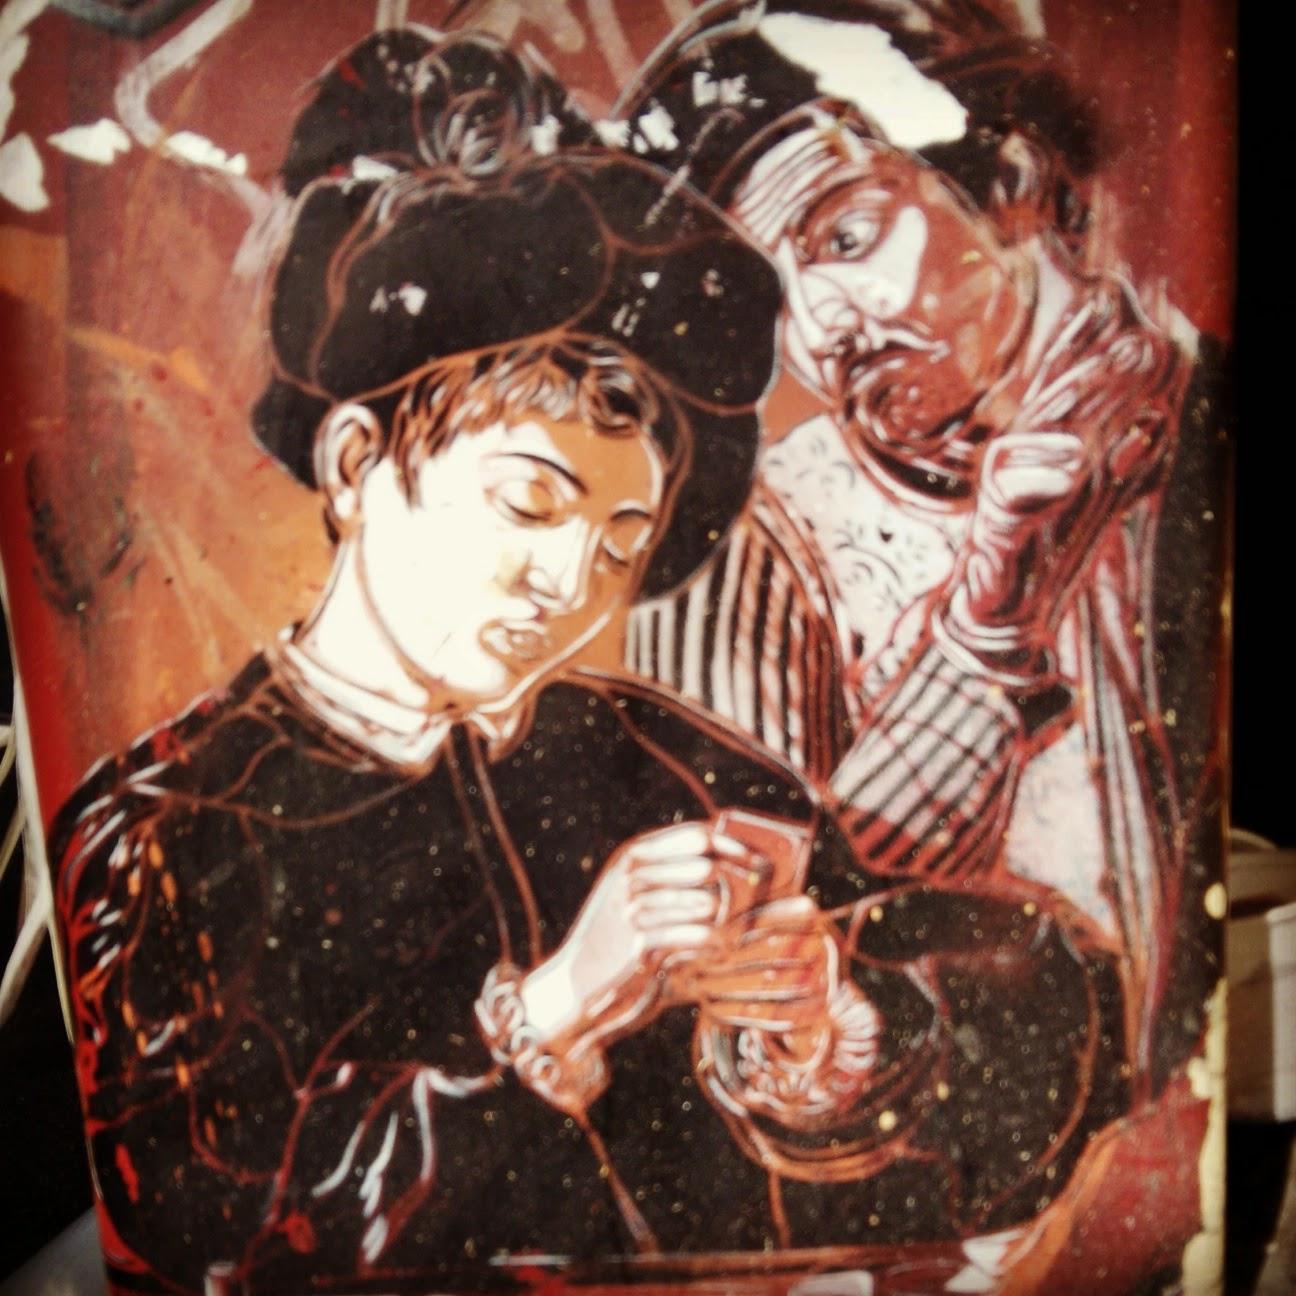 Grafiti de quadro de Caravaggio em Trastevere, visite Roma com uma guia que fala a sua lingua